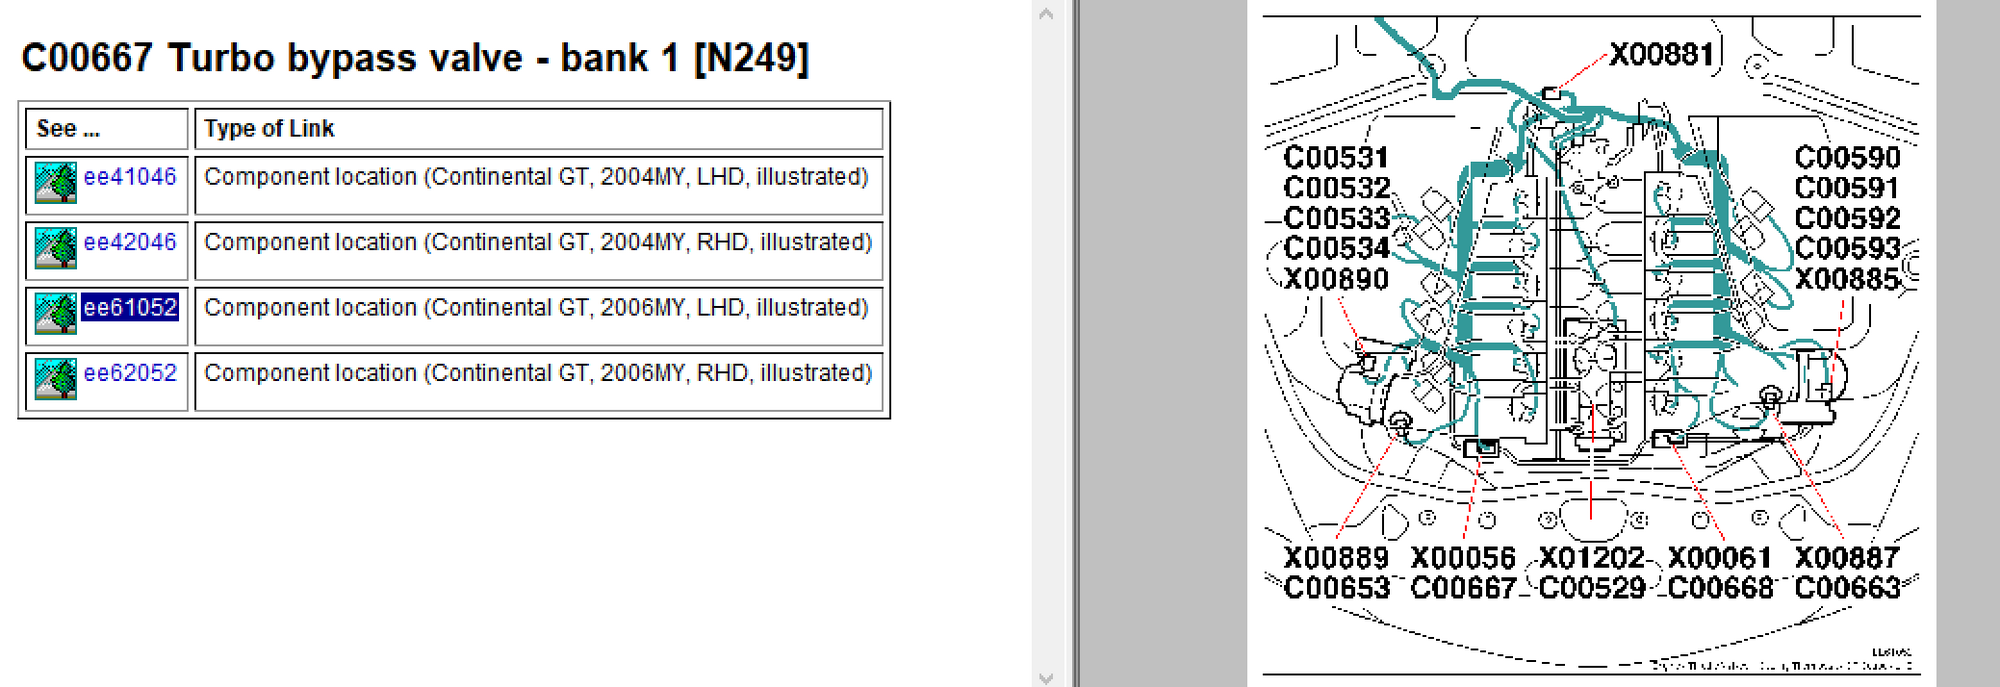 P0234 Overboost/ No Power - Page 2 - 6SpeedOnline - Porsche Forum